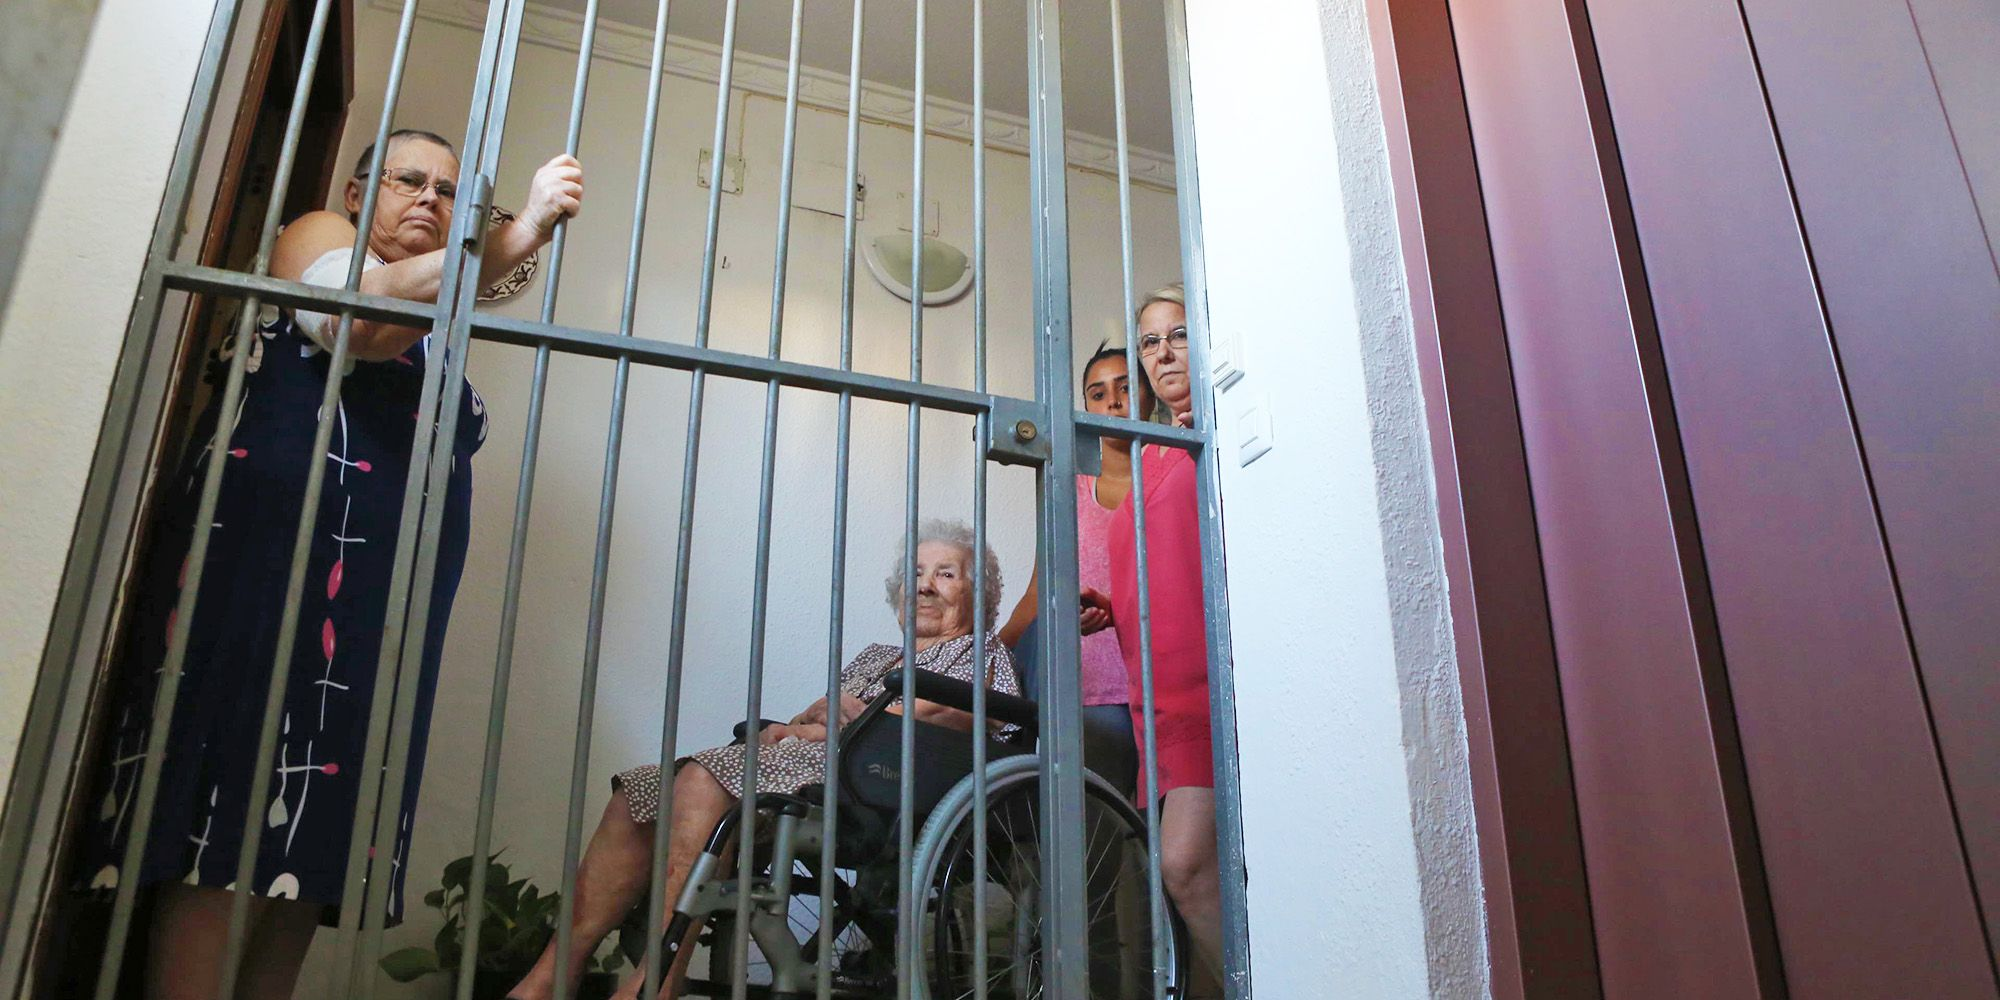 junta-andalucia-mantiene-edificio-con-ascensor-estropeado-1